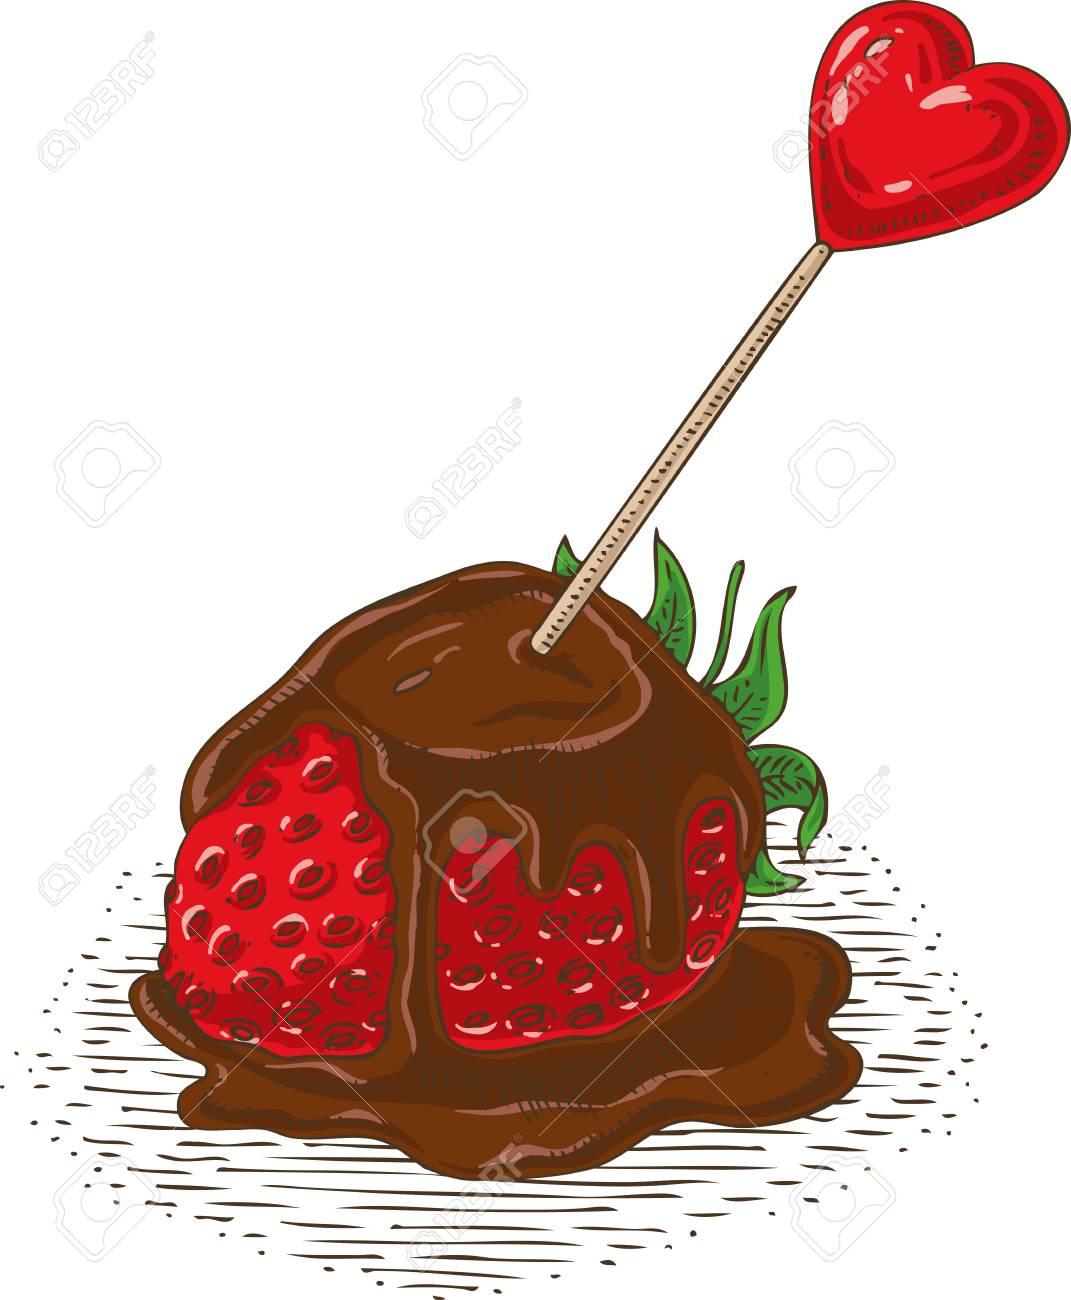 Fraise Enrobee De Chocolat Rouge Mur Avec Coeur Rouge Et Fleur Sur